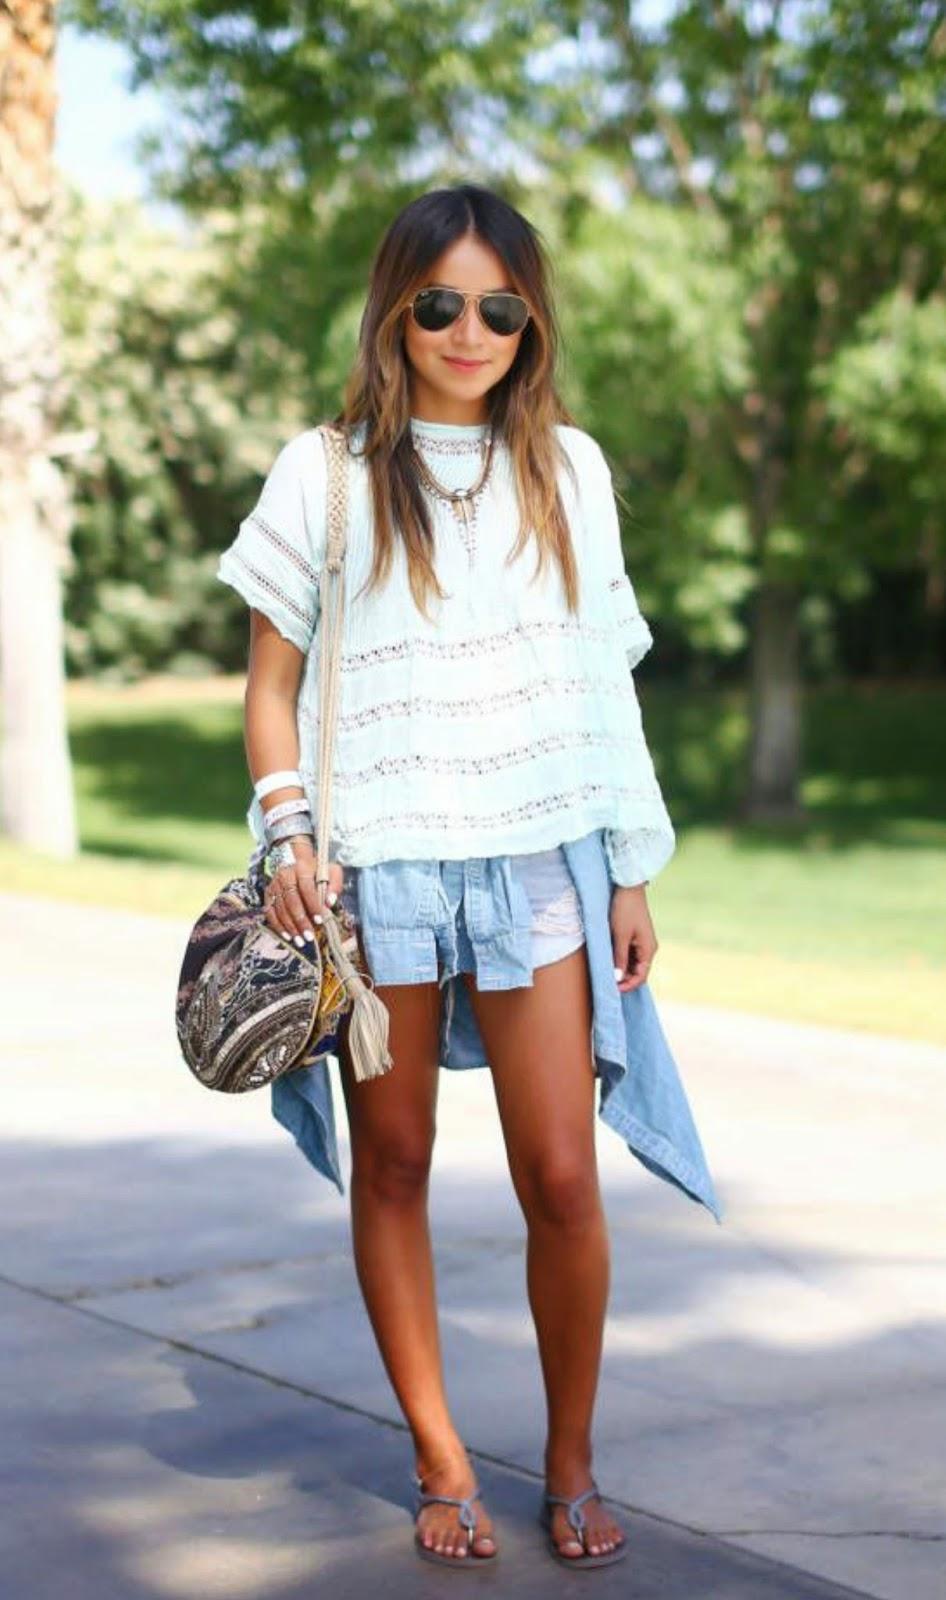 spring outfit ideas boho